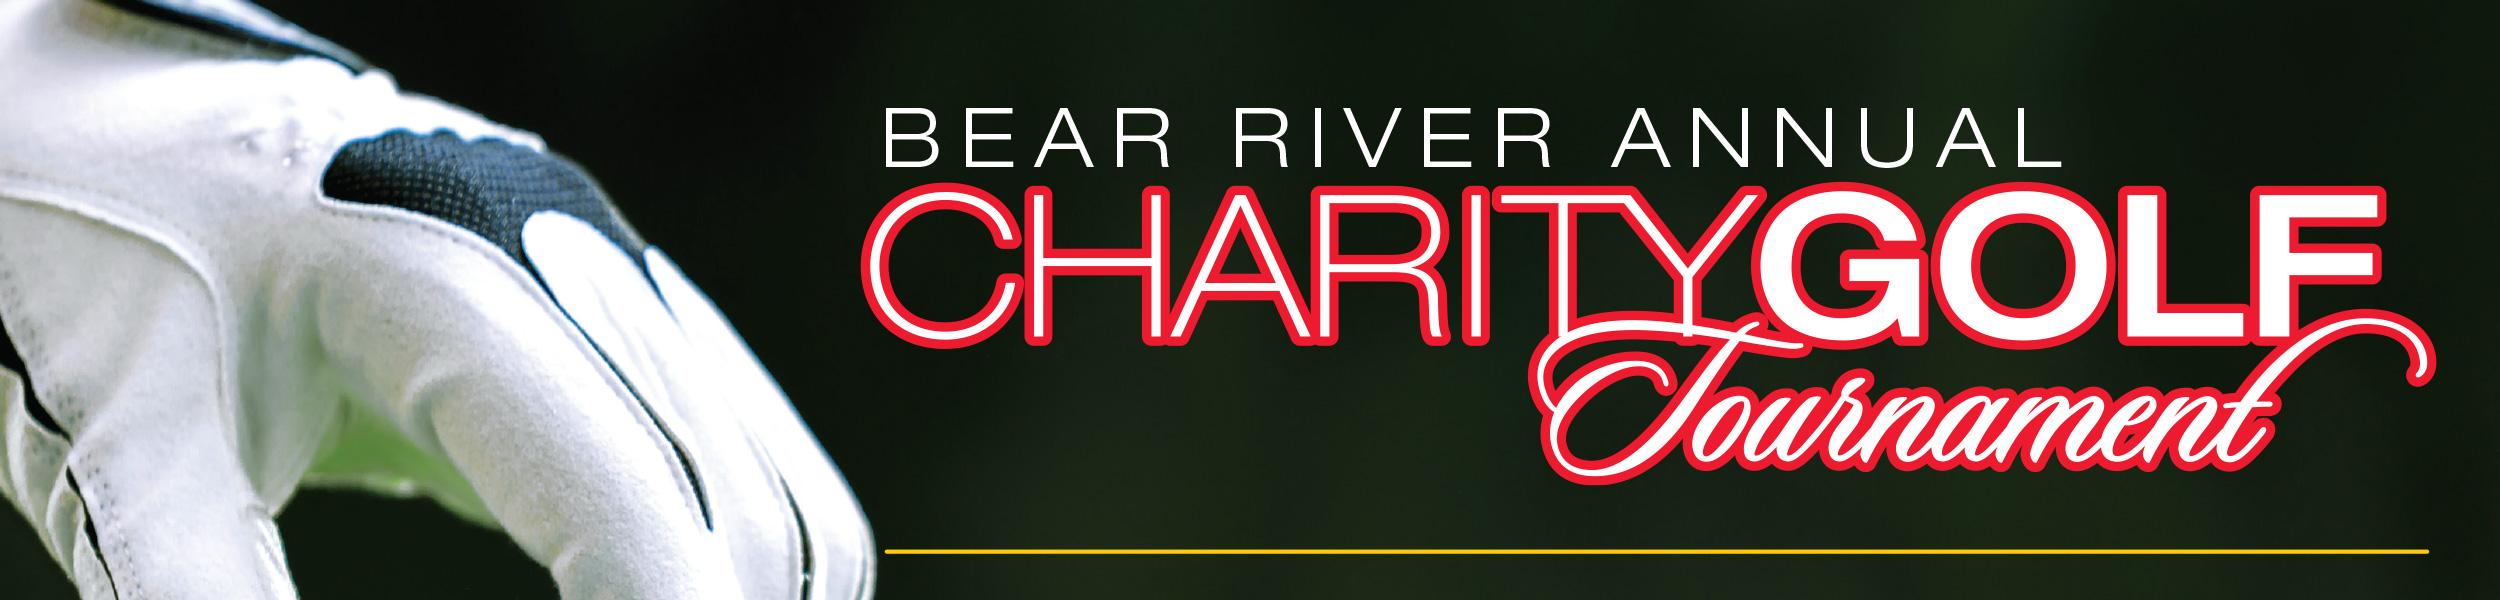 Bear River Annual Charity Golf Tournament